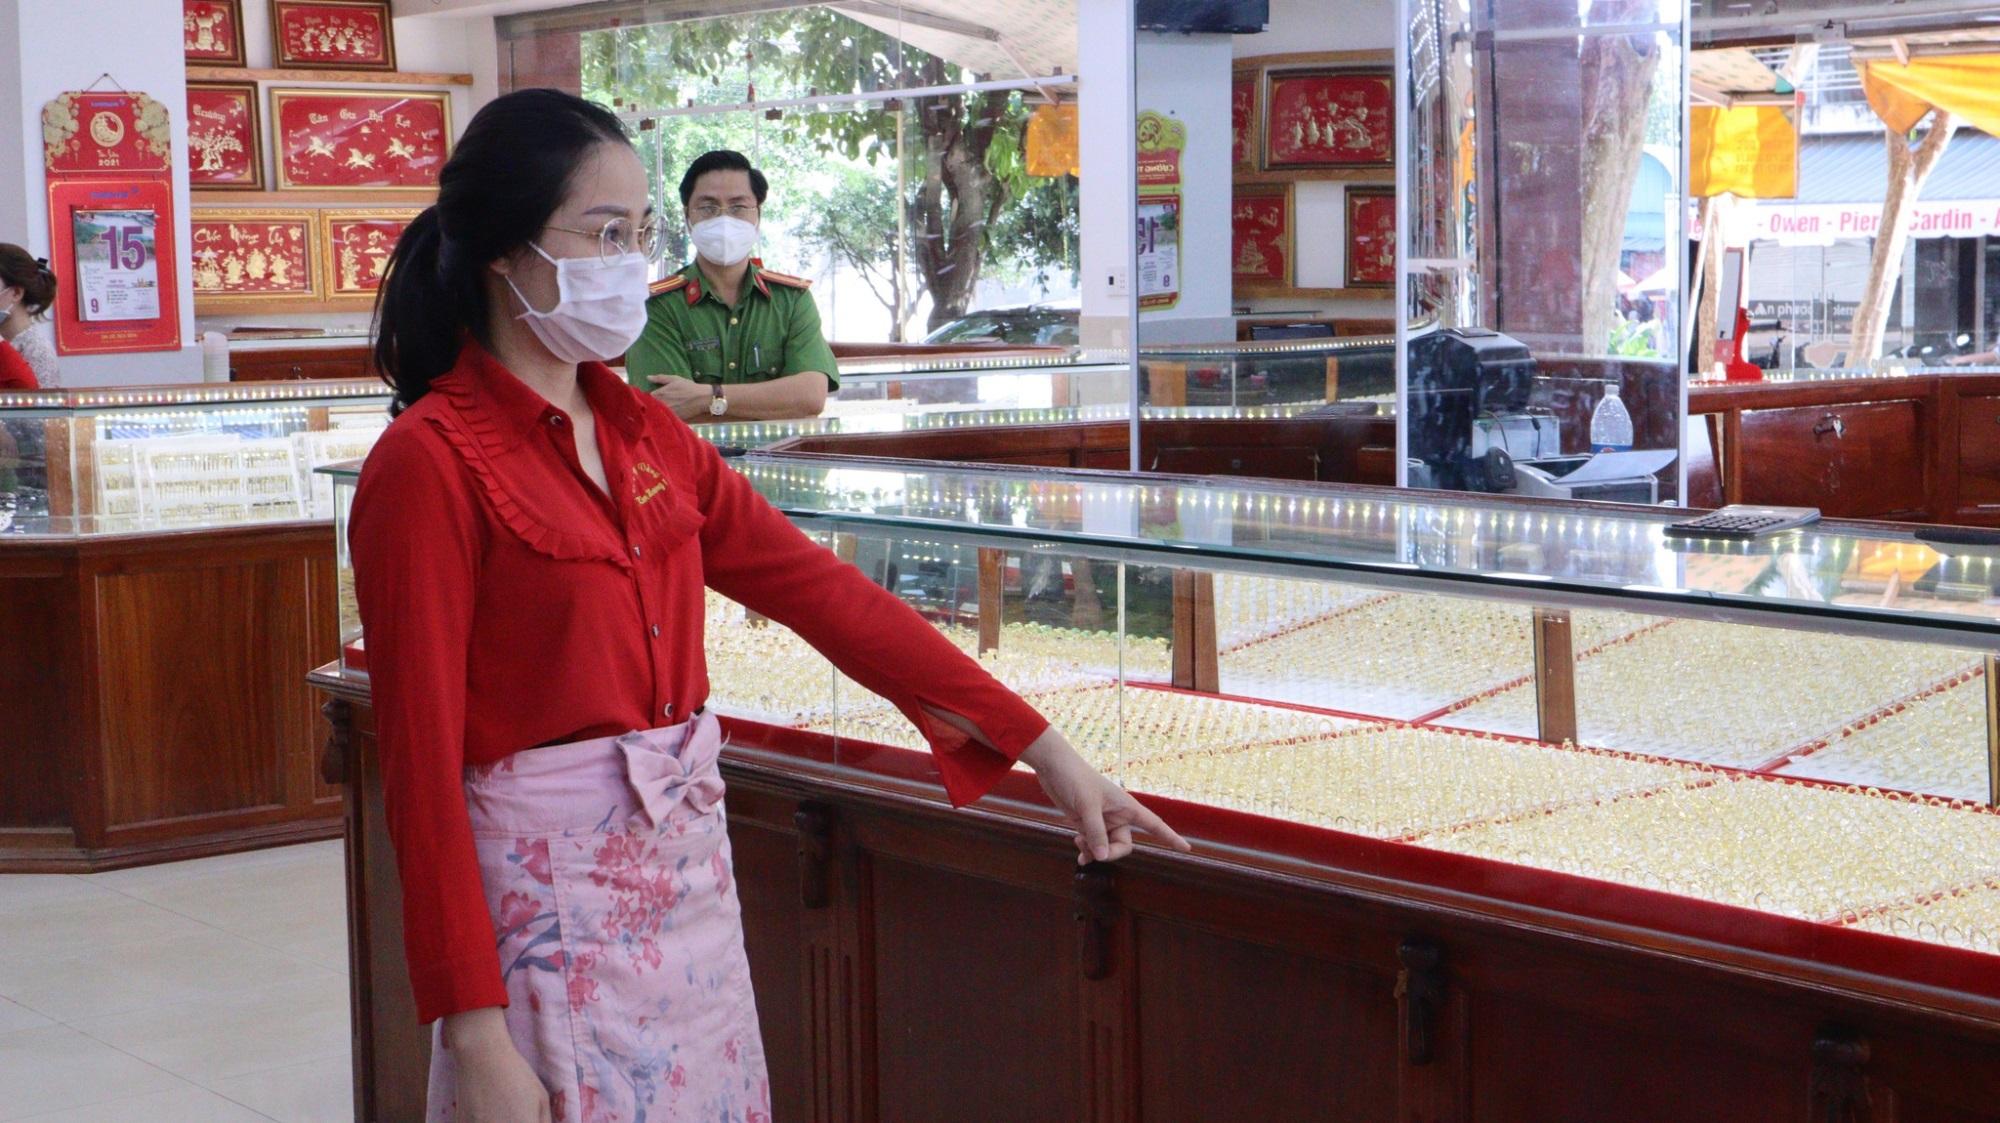 Bật ngửa hình ảnh đời thường của nữ 'chúa nhẫn' trộm 2.380 nhẫn vàng ở Bình Phước: Thích sống ảo, ưa check-in tại nơi làm việc?  - Ảnh 1